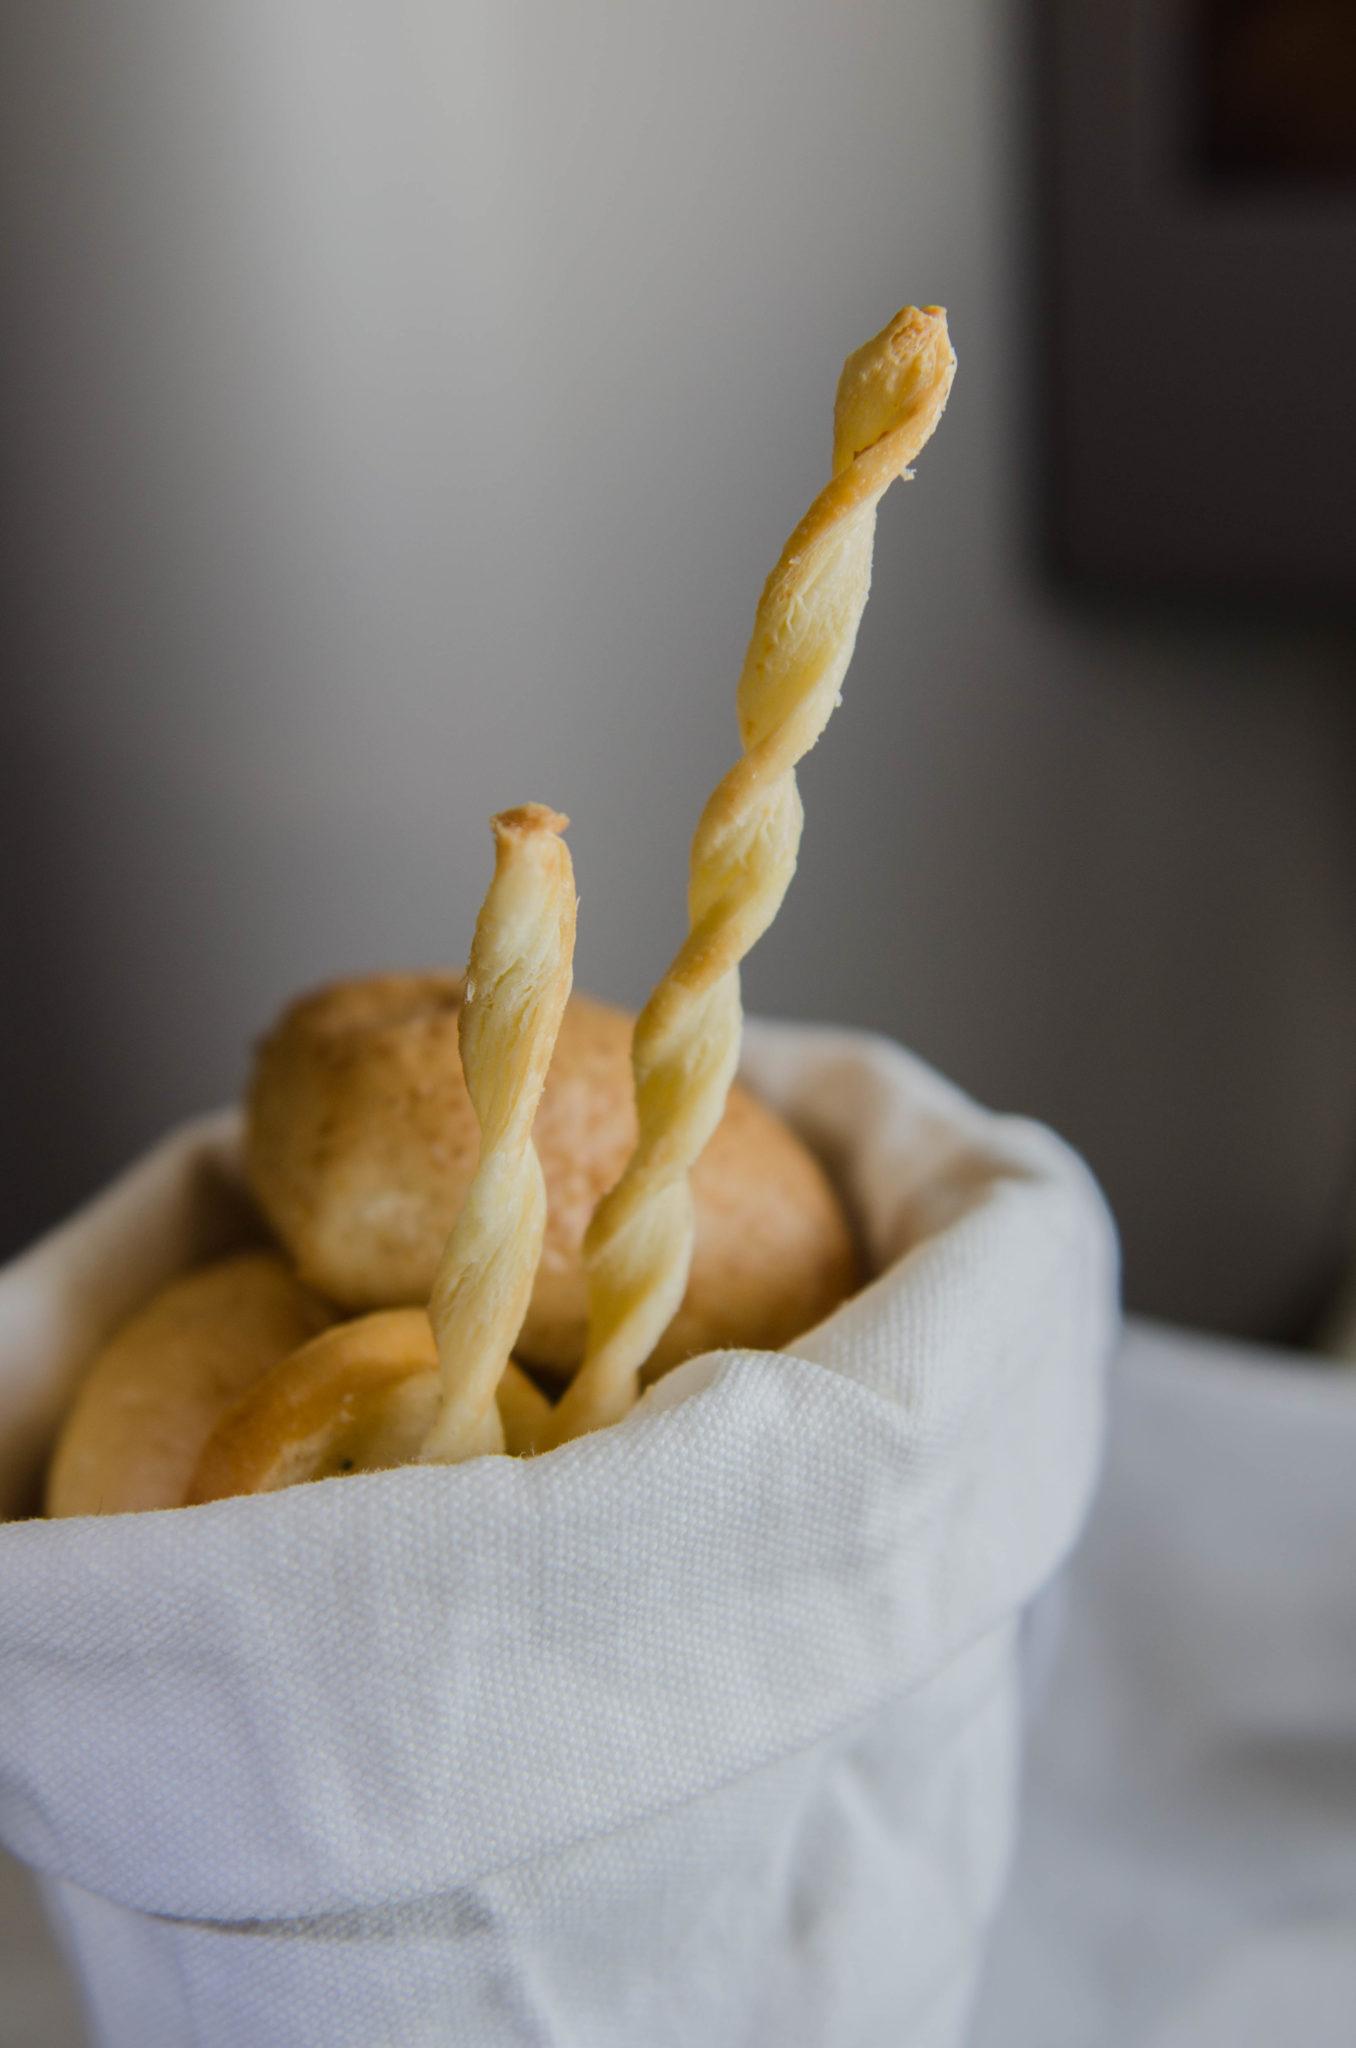 Italienisches Brot auf dem Weg von Peking nach Berlin in der Hainan Airlines Business Class